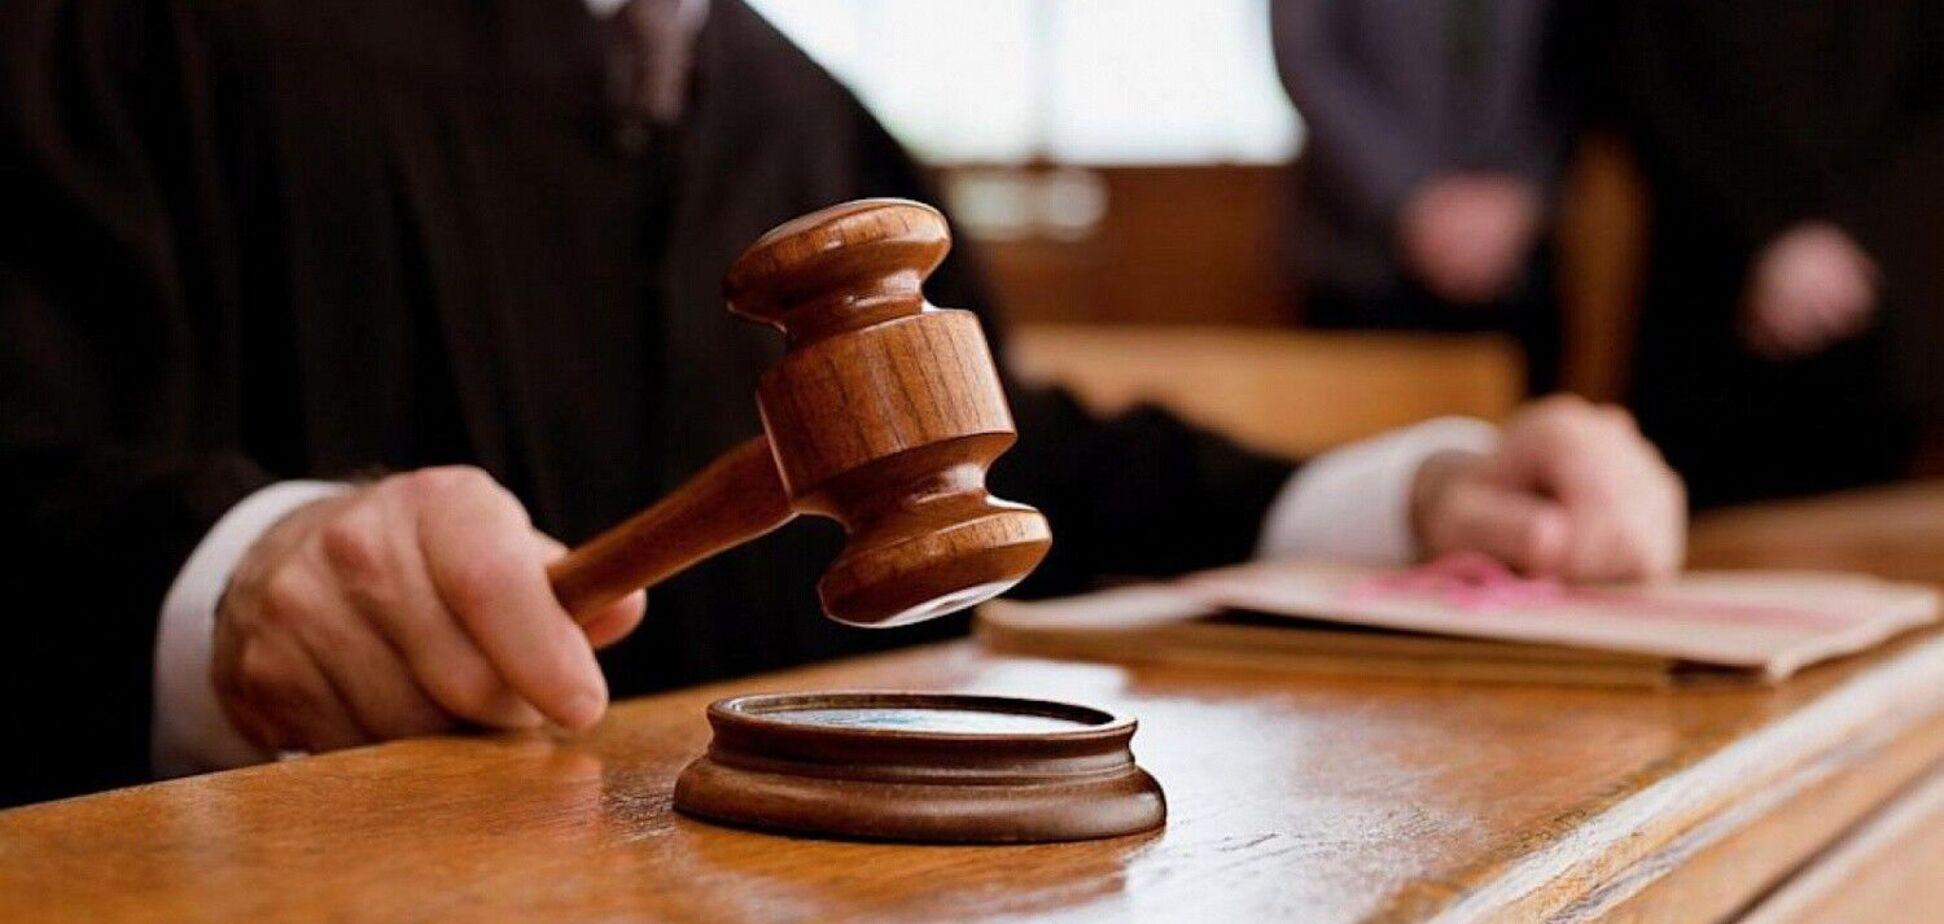 Суд подтвердил законность и обоснованность формулы 'Роттердам+'